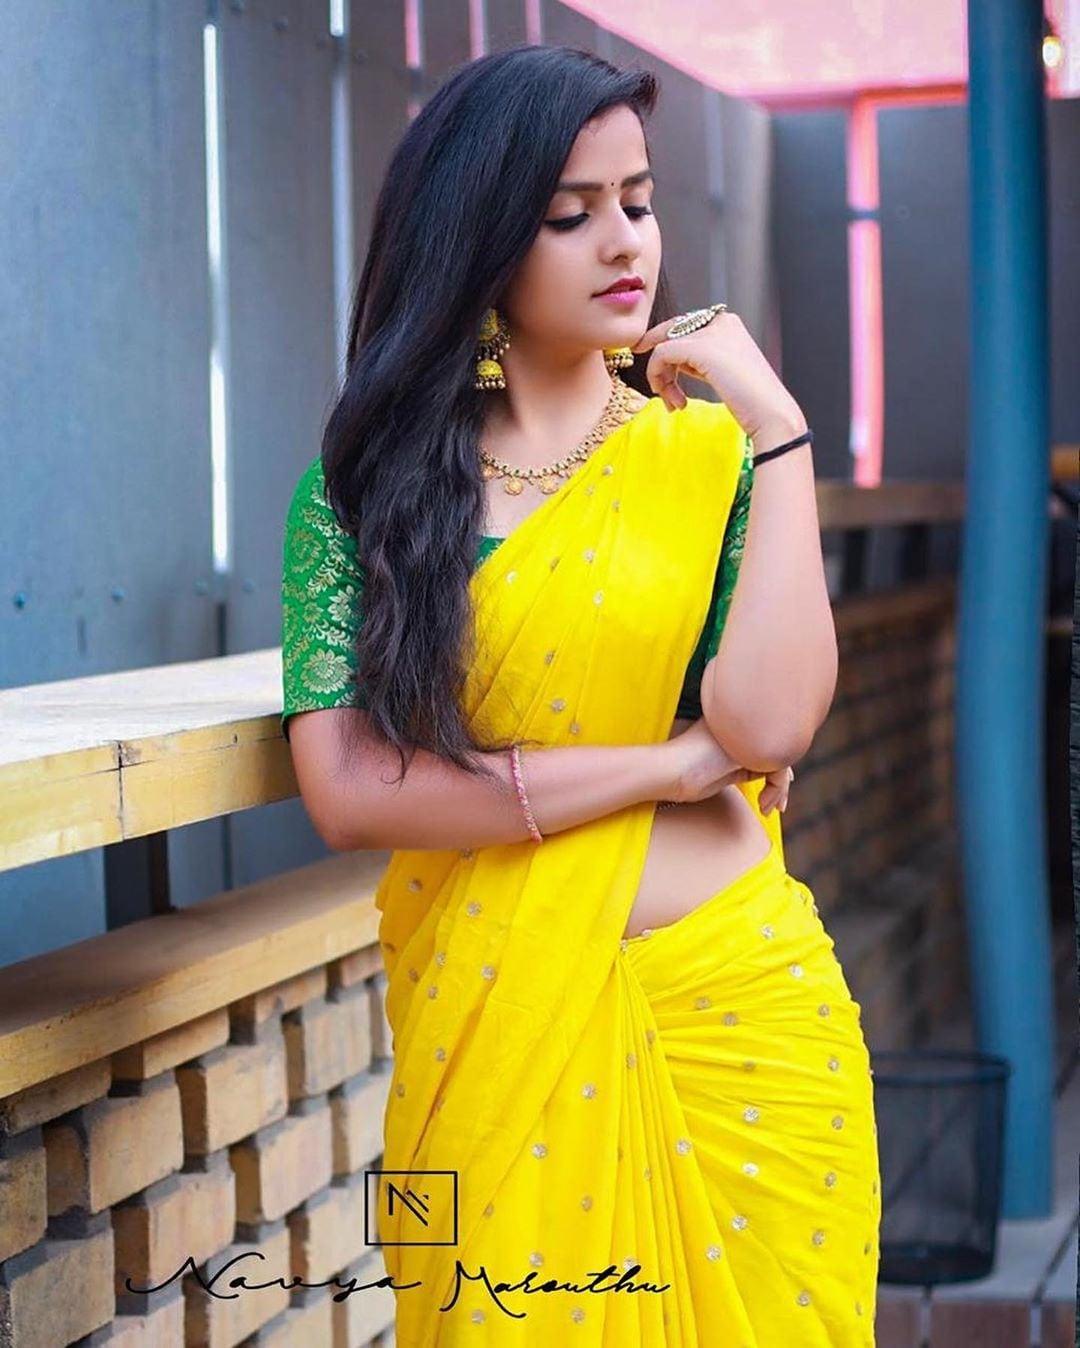 వైష్ణవి చైతన్య పిక్స్ Photo : Instagram/aishnavi_chaitanya_